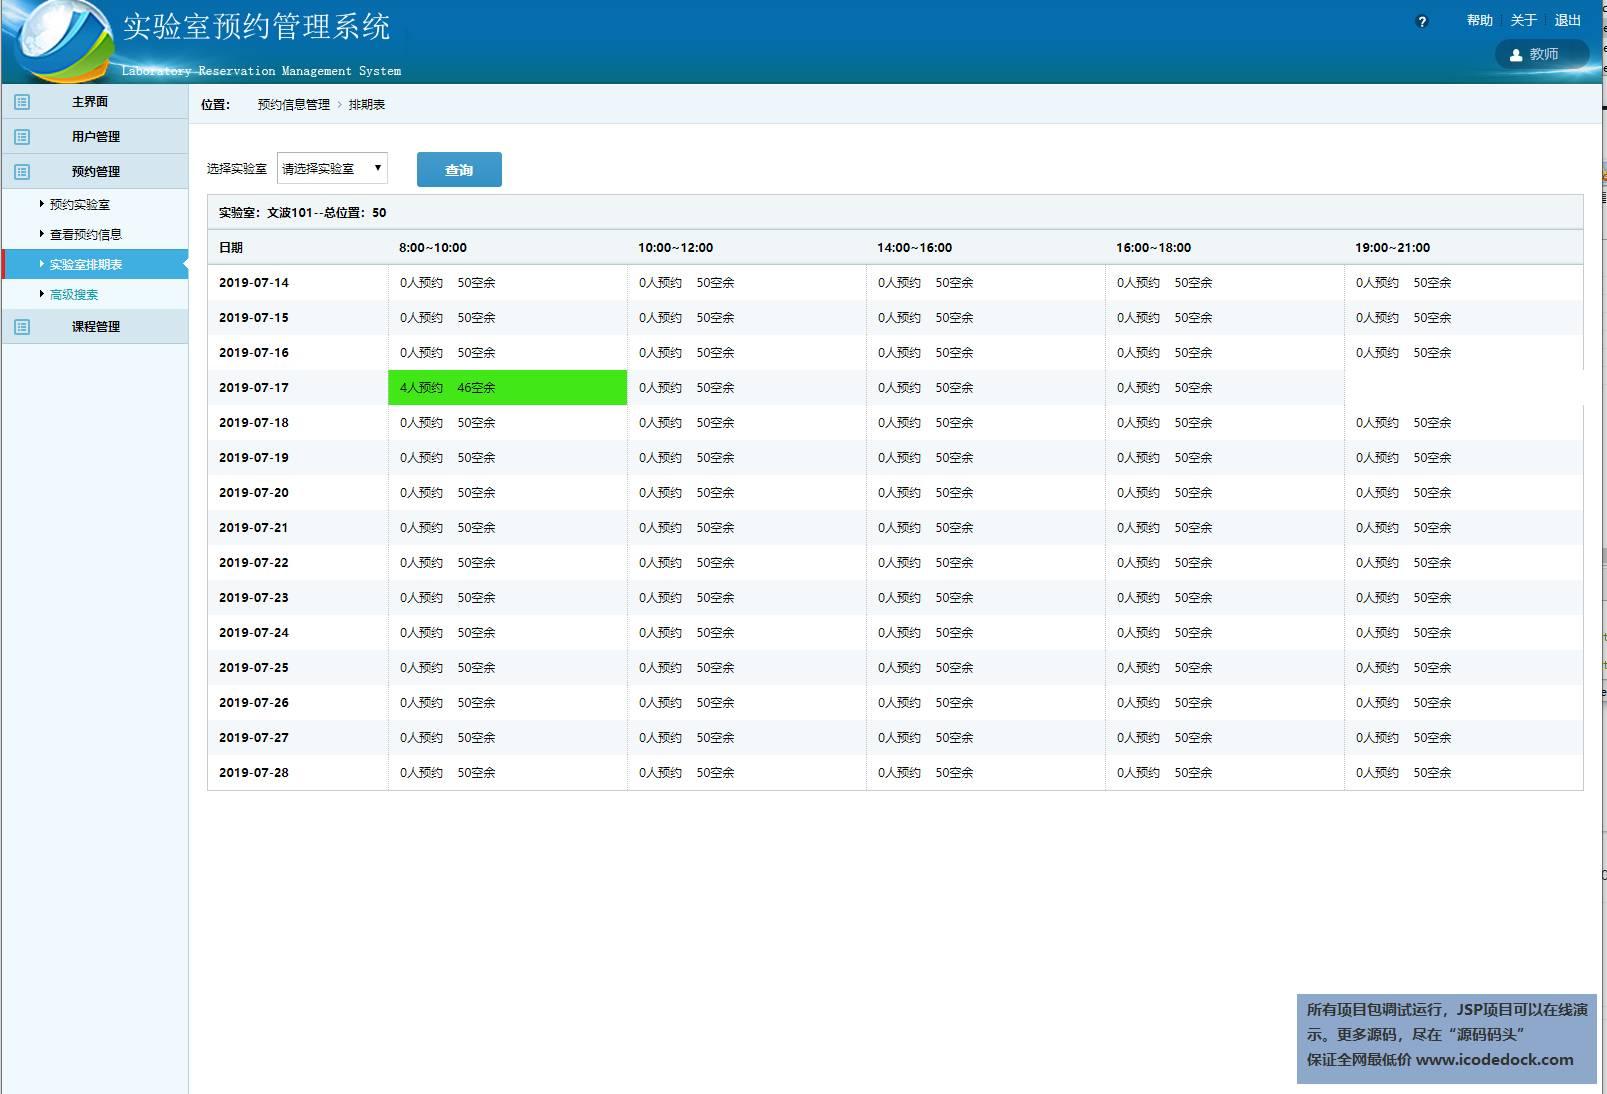 源码码头-SSH实验室预约管理系统-教室角色-查看排期表